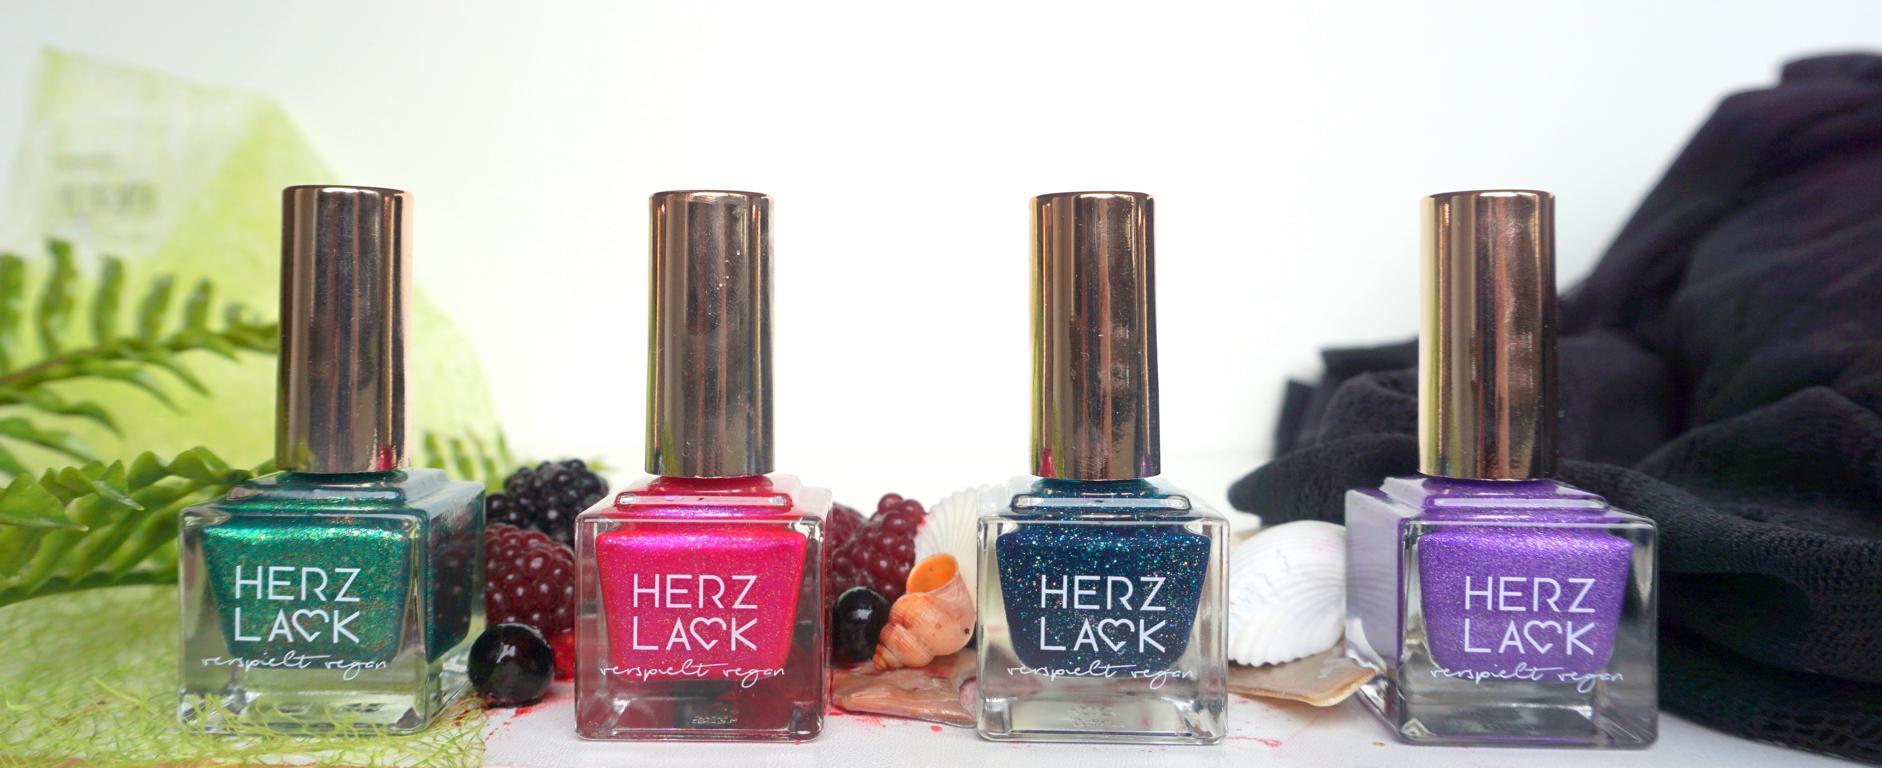 Herzlack Die Erstkollektion Review